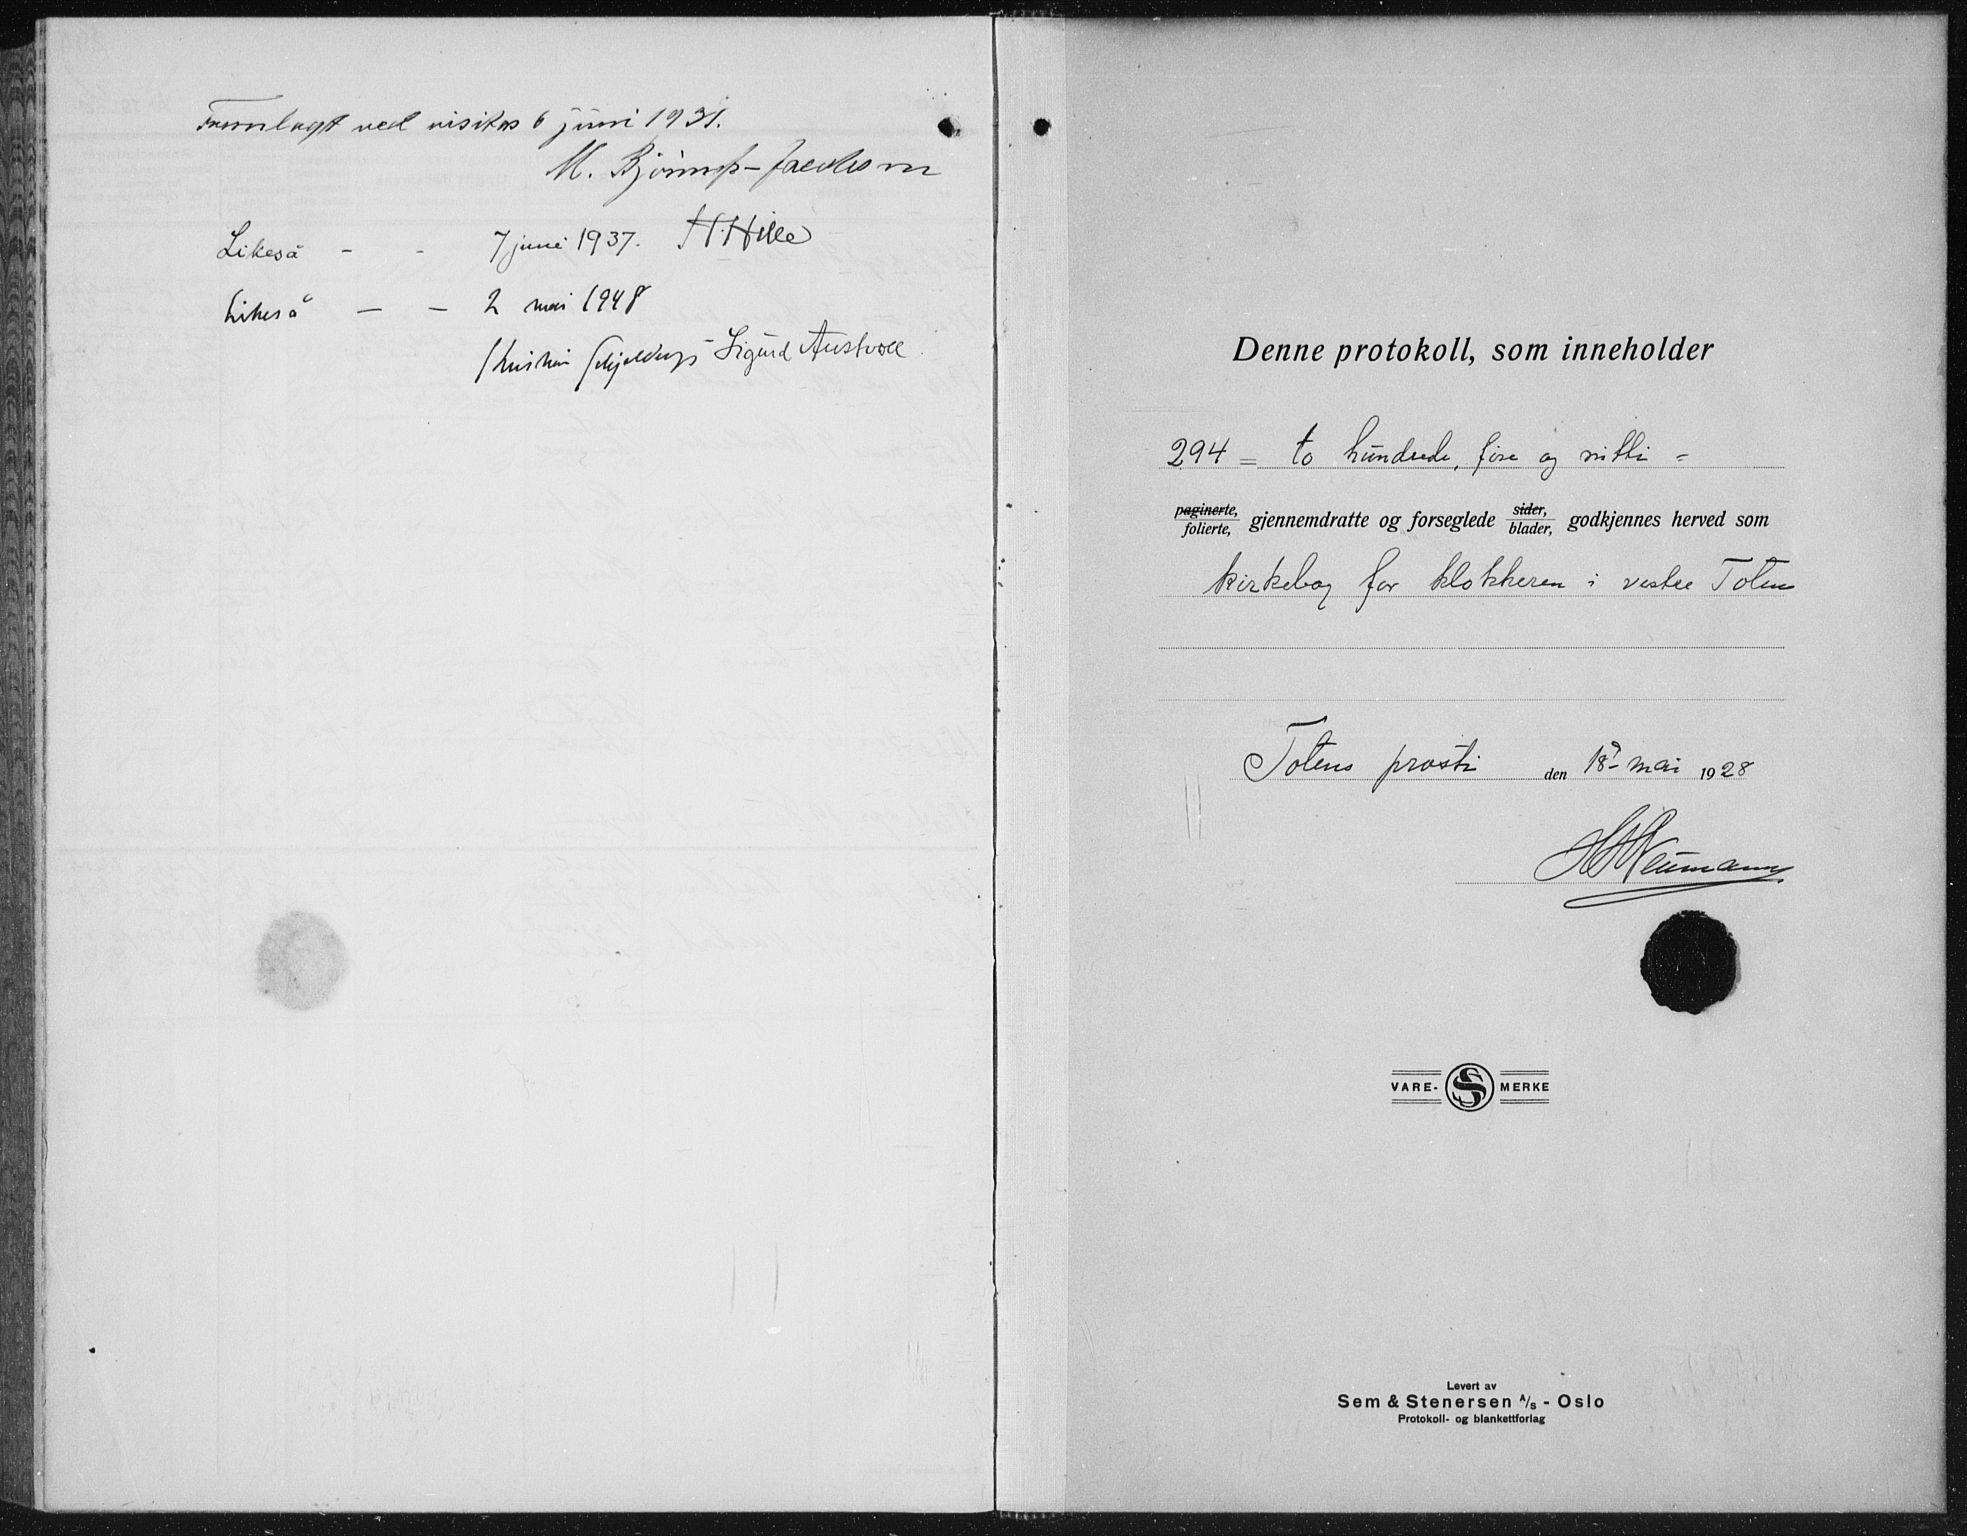 SAH, Vestre Toten prestekontor, Klokkerbok nr. 18, 1928-1941